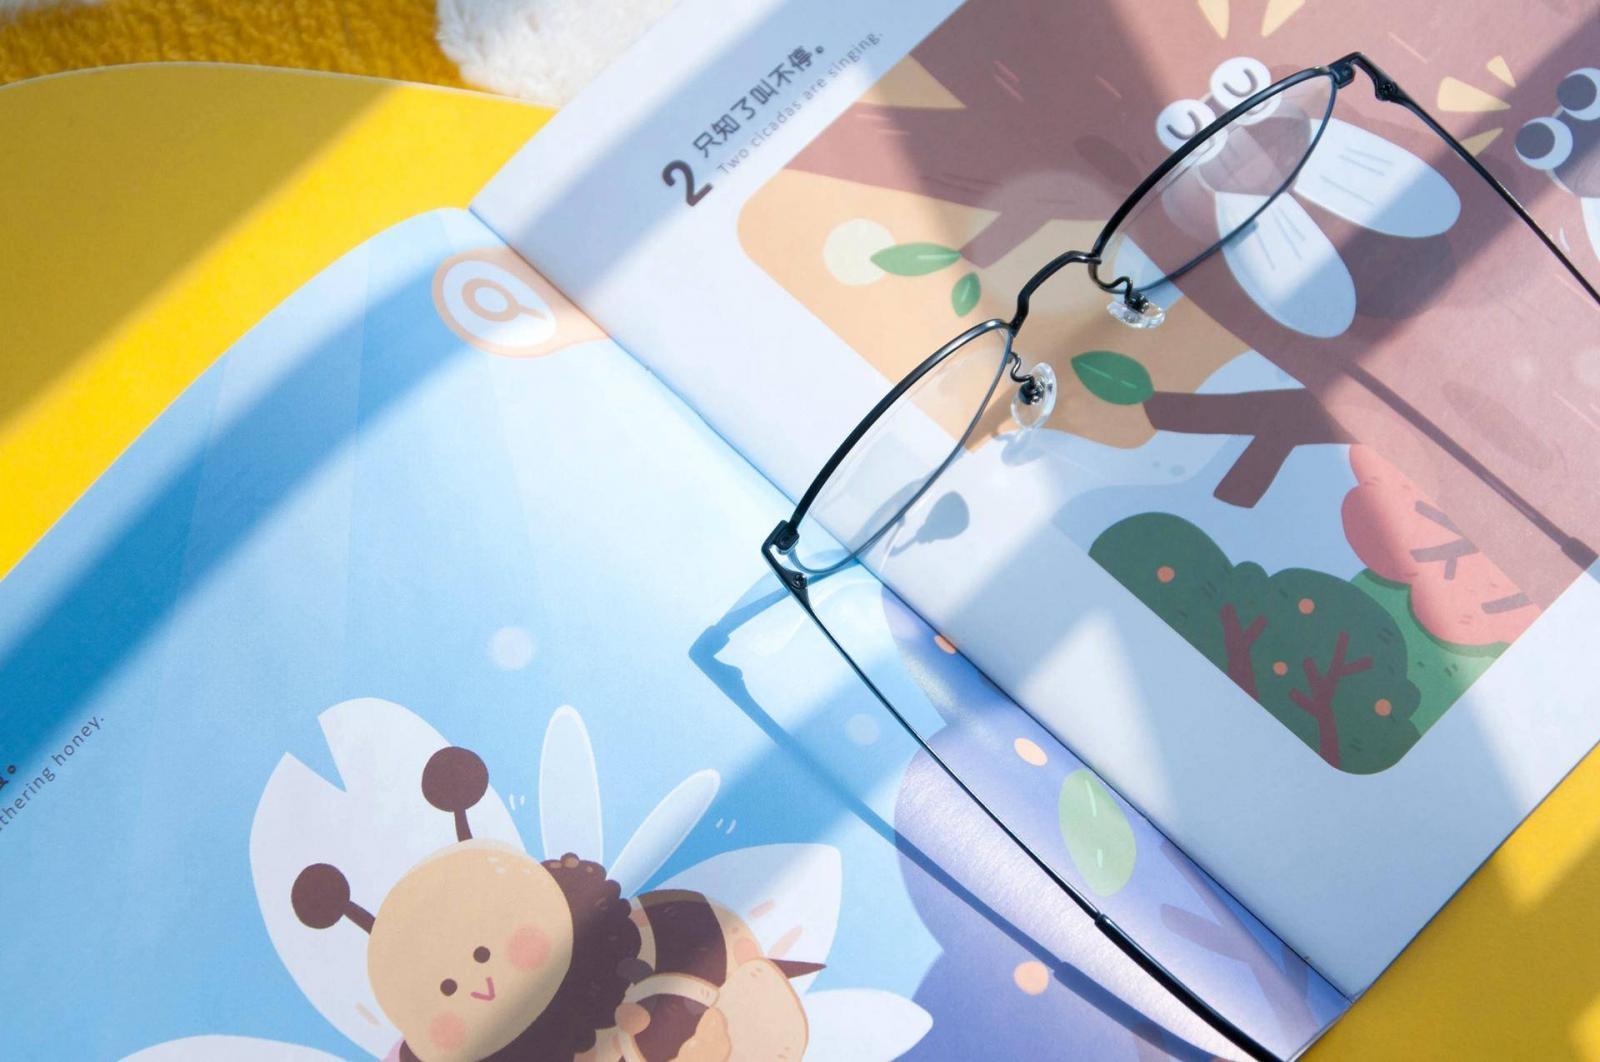 米家防蓝光眼镜:16层OAR镀膜工艺+钛轻不加脸199元尝鲜